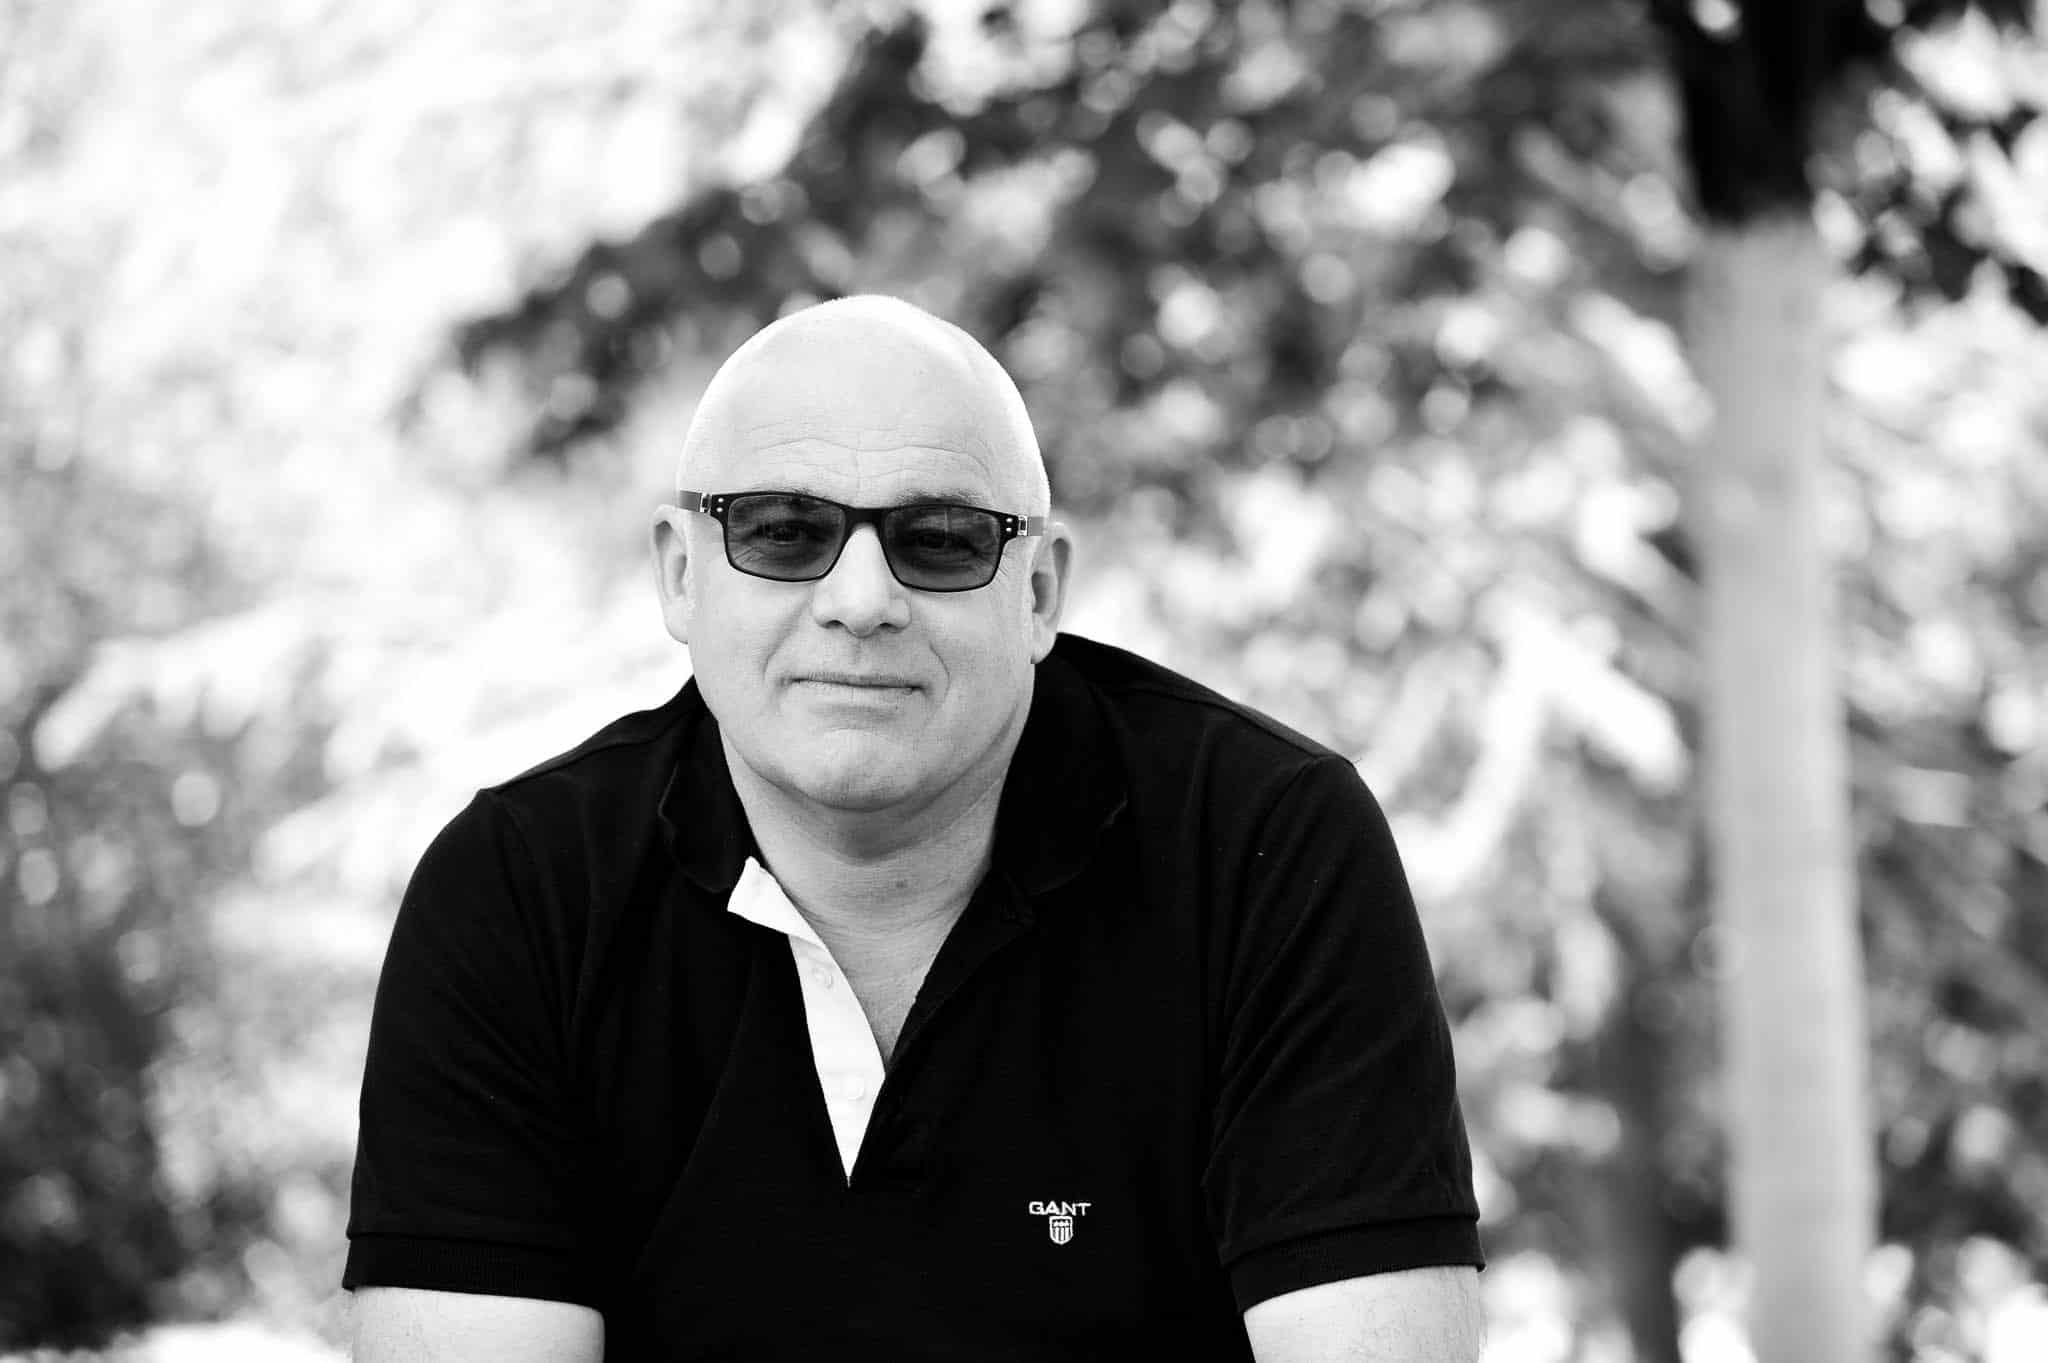 Herrenporträt mit Sonnenbrille in Schwarzweiß